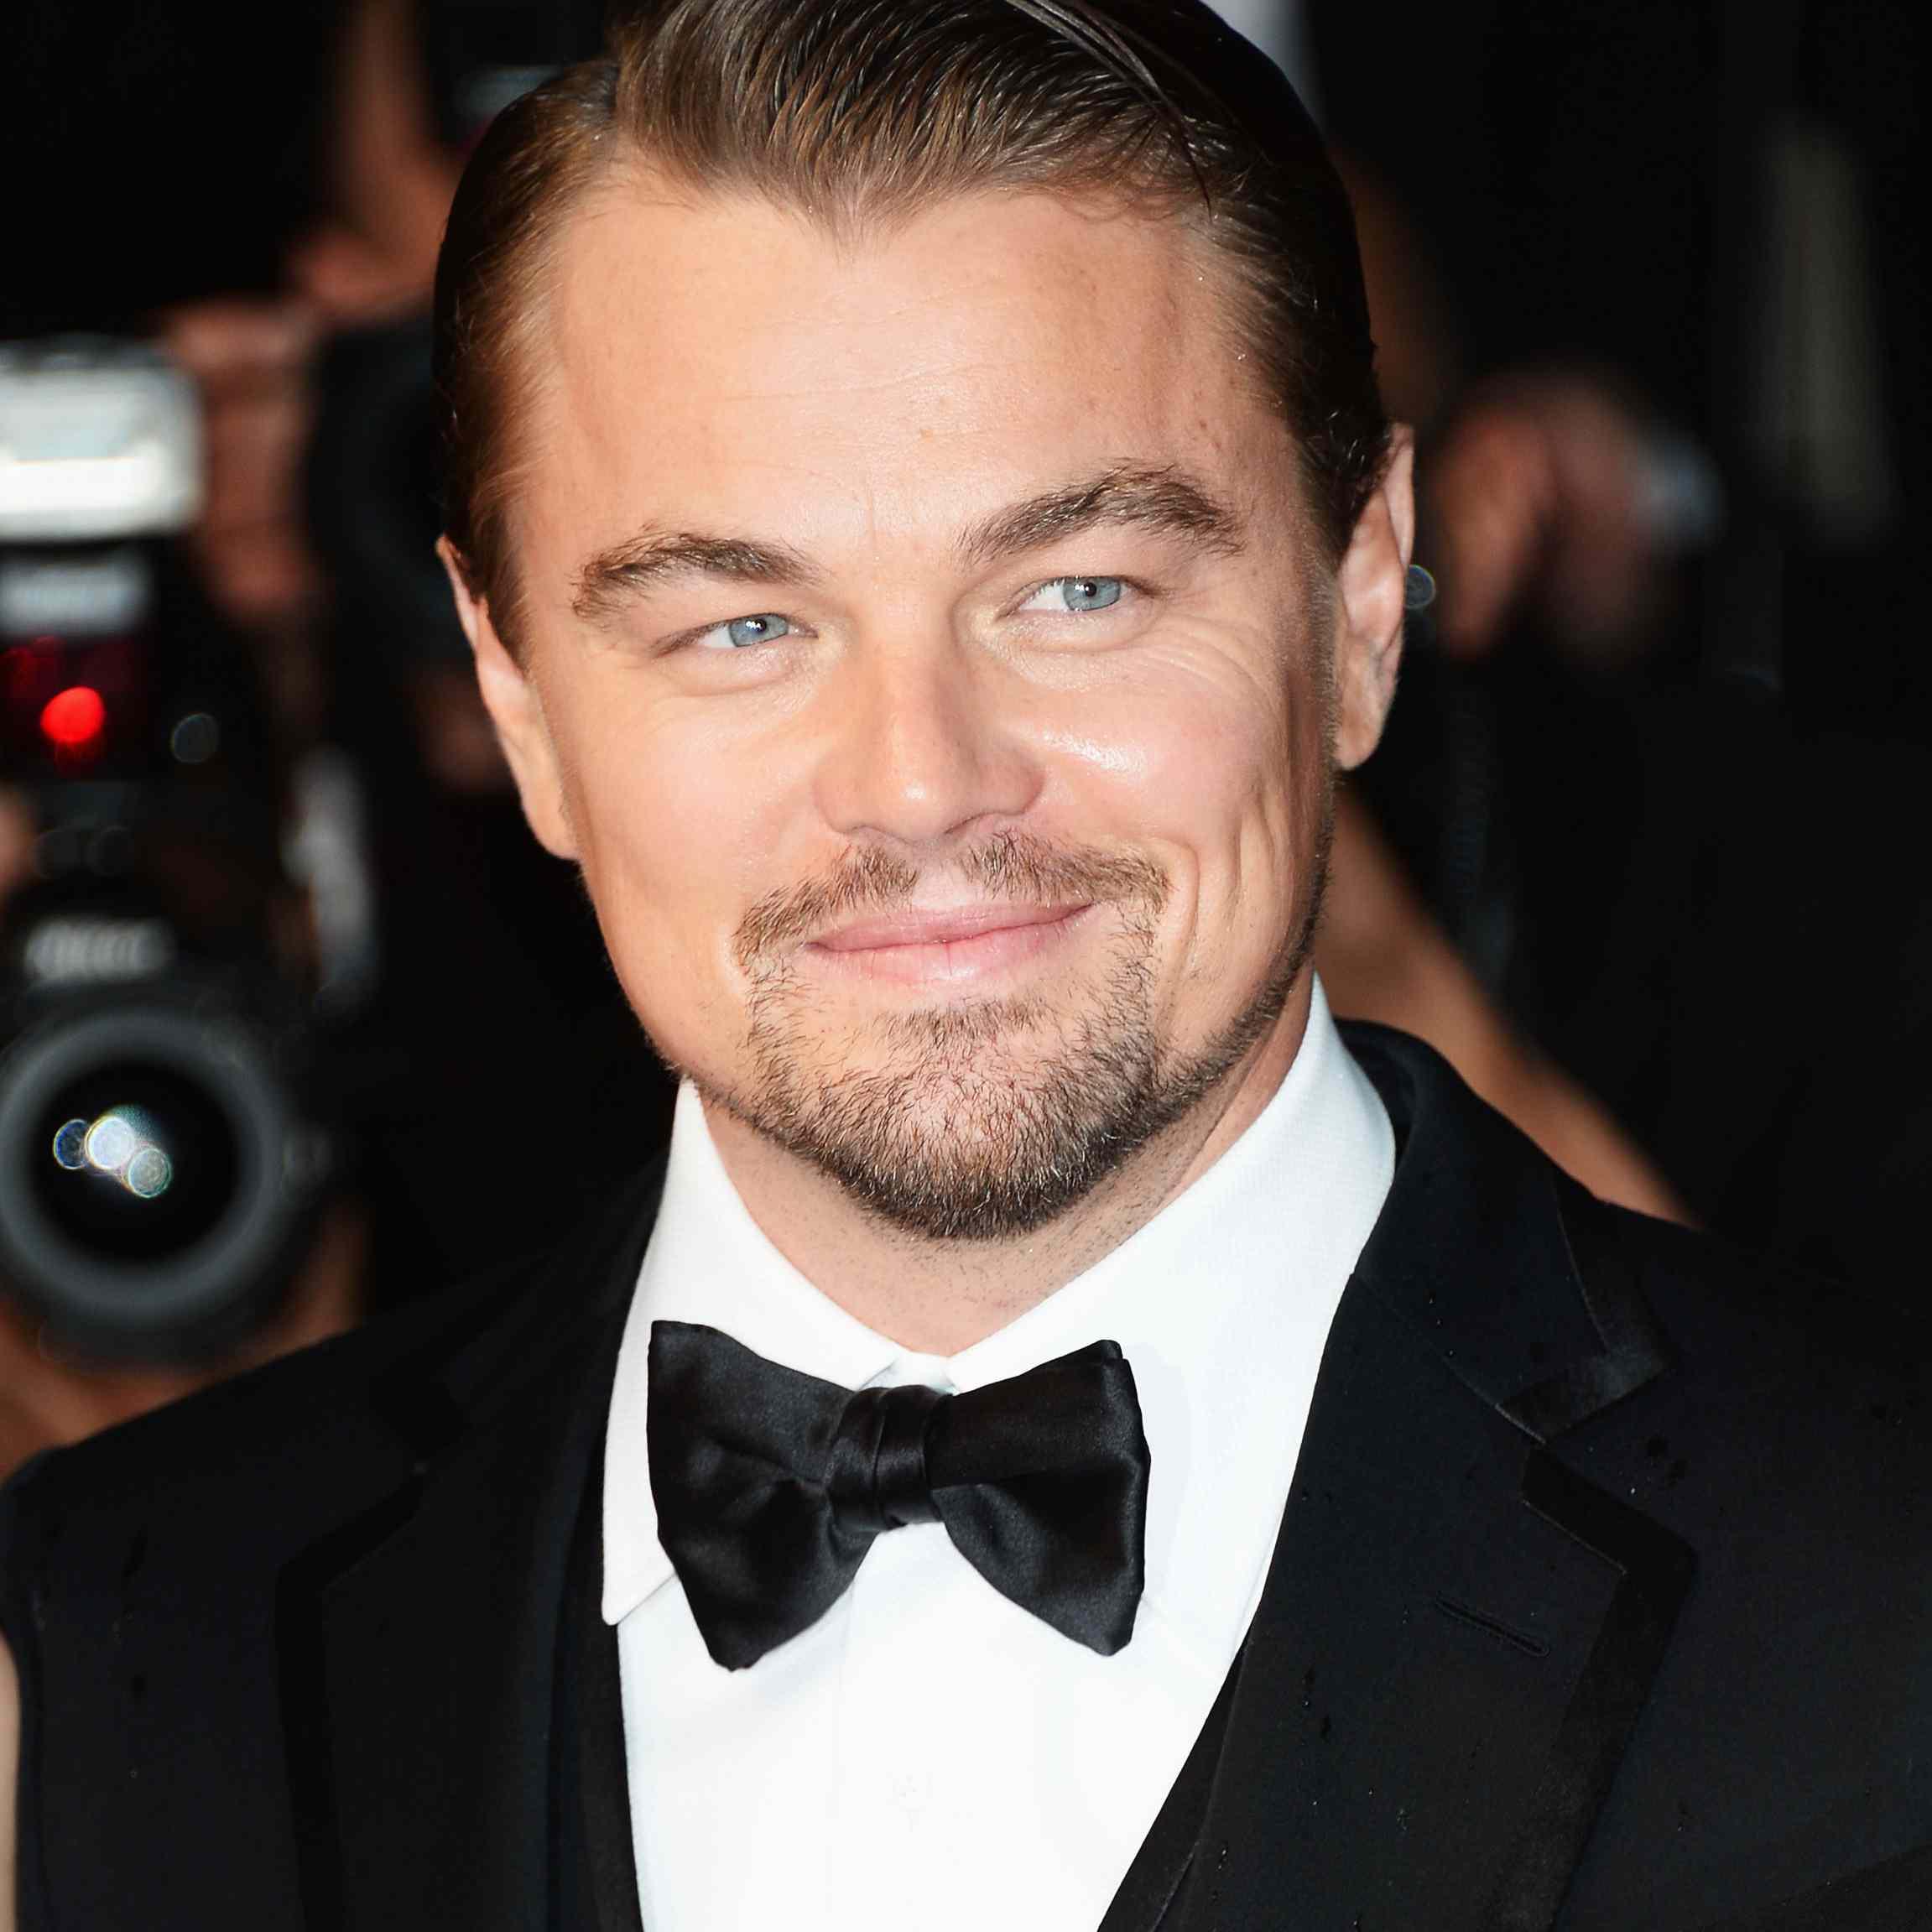 Leonardo DiCaprio 2013 hair